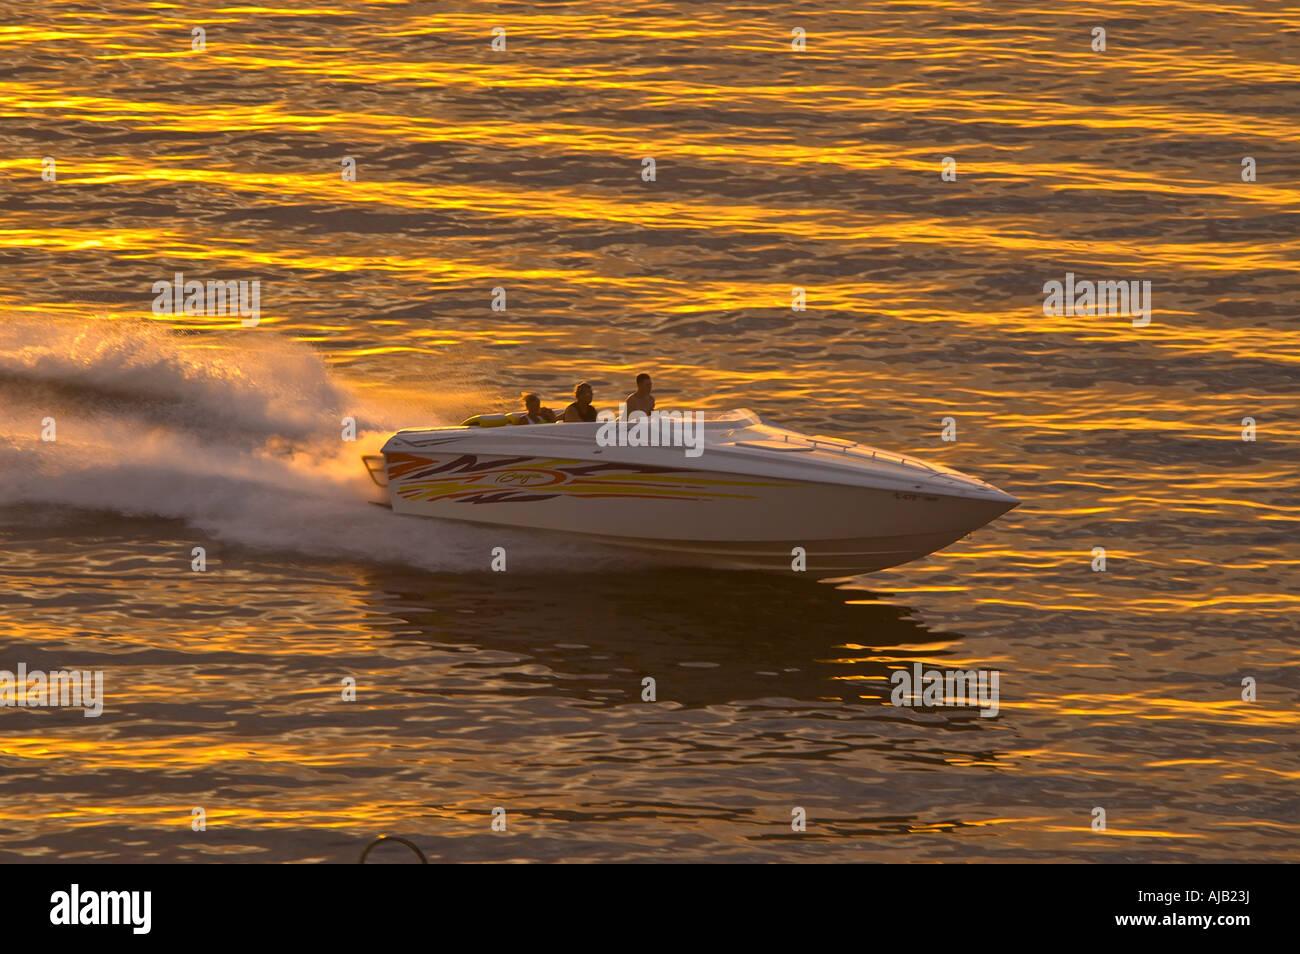 Lusso veloce motore entrobordo barca Cigarette style, barca powerboat, velocità su acqua vicino al tramonto, Immagini Stock